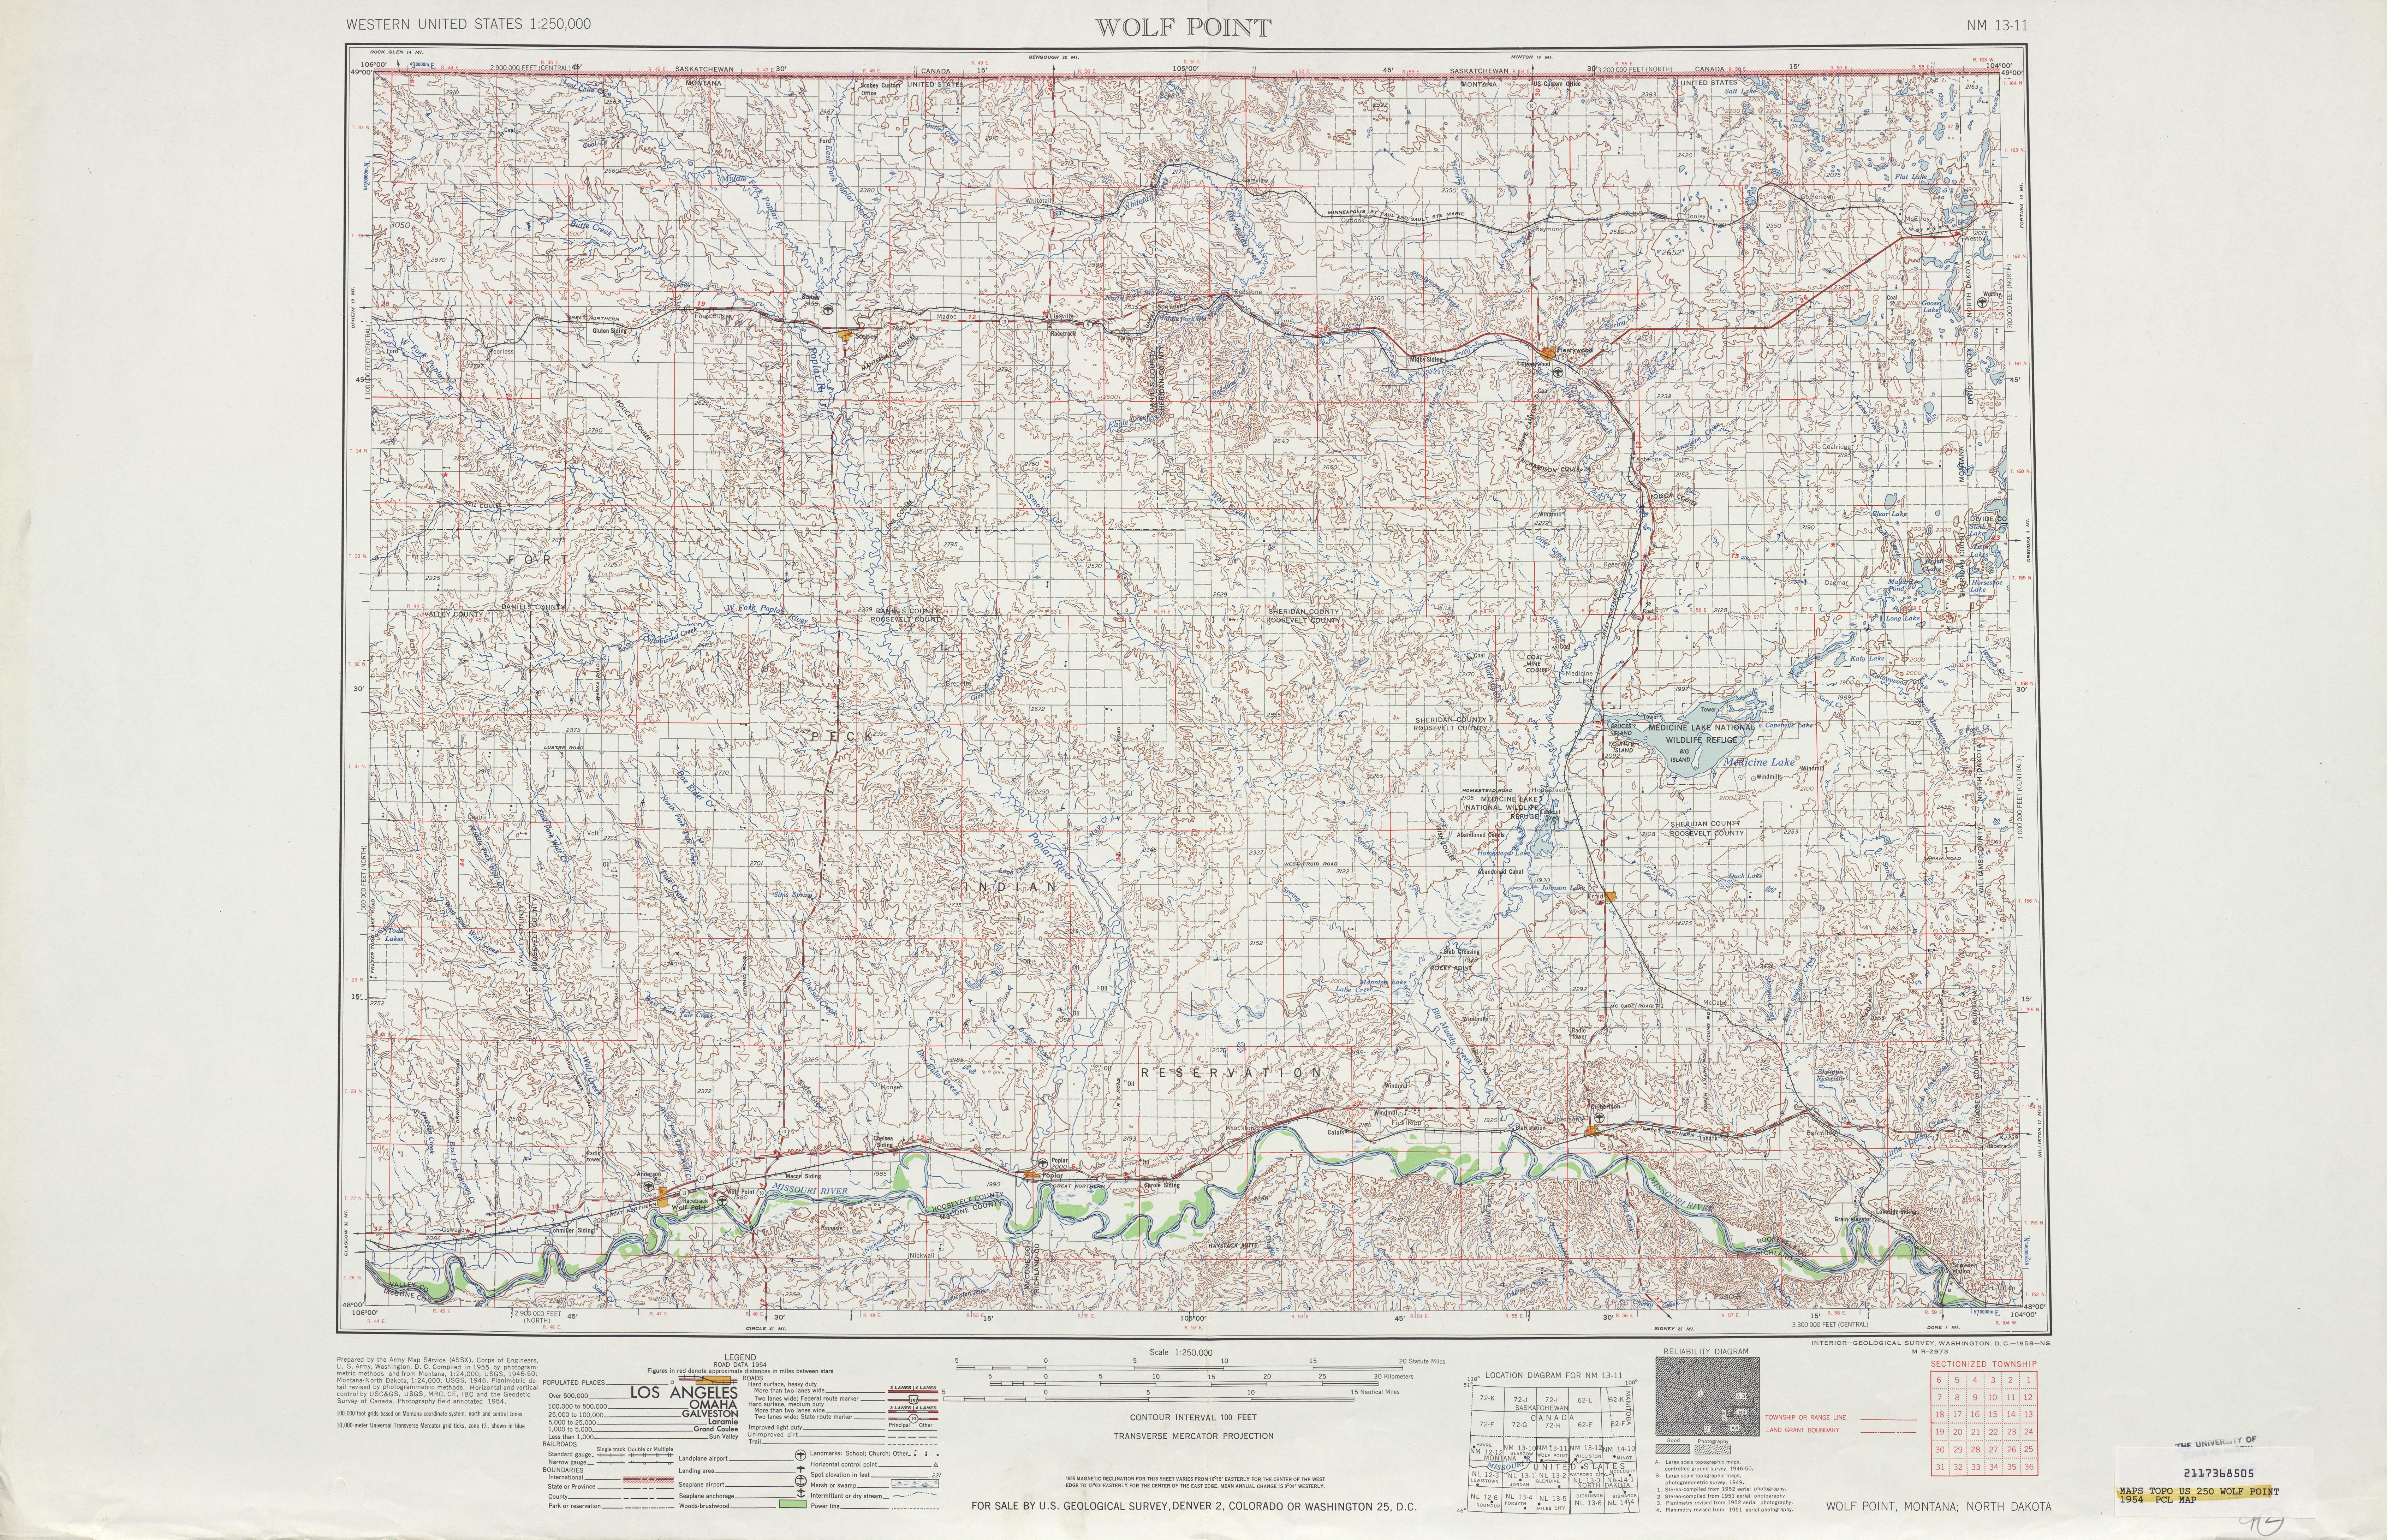 Hoja Wolf Point del Mapa Topográfico de los Estados Unidos 1954